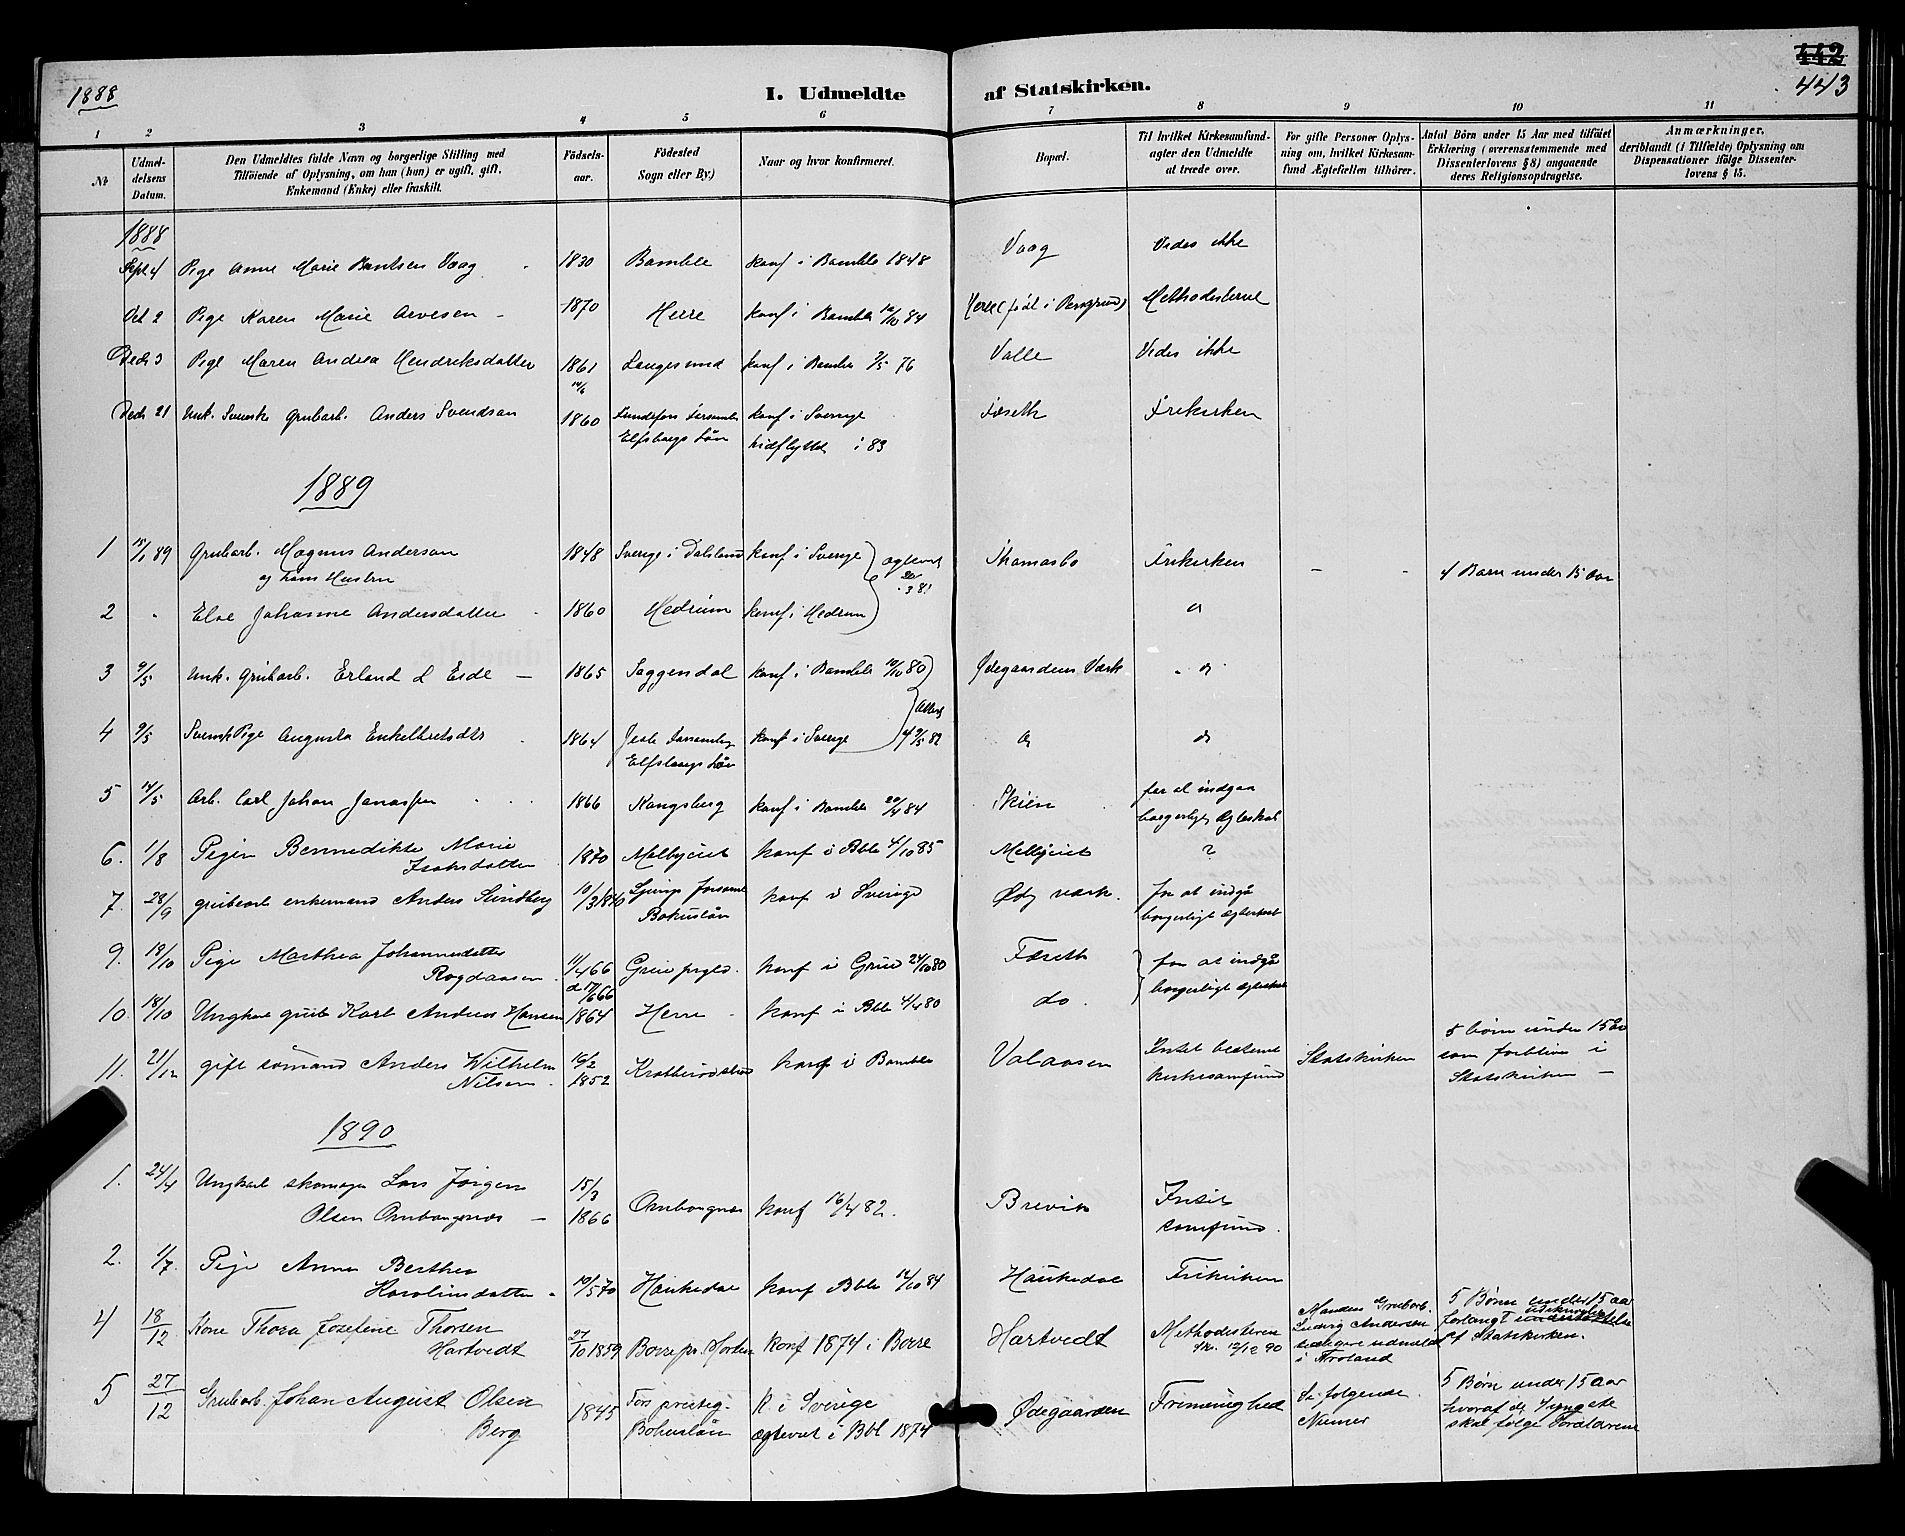 SAKO, Bamble kirkebøker, G/Ga/L0009: Klokkerbok nr. I 9, 1888-1900, s. 443